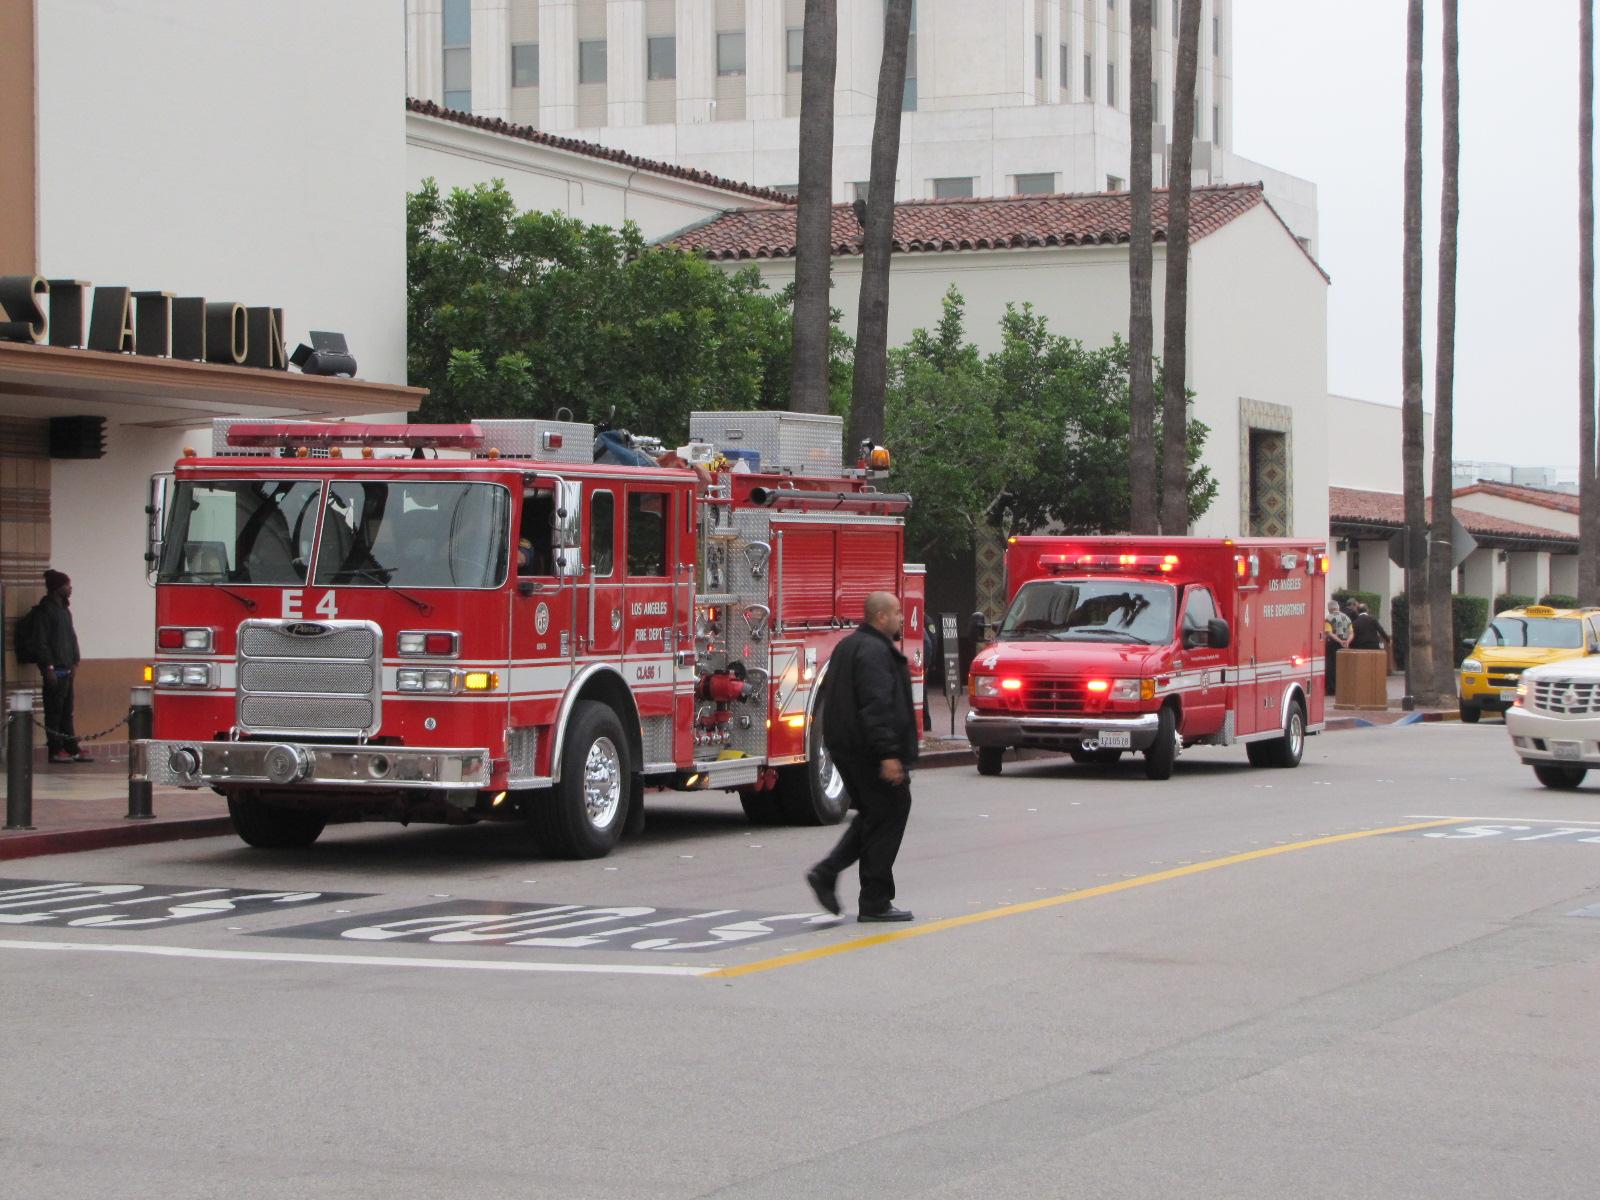 Camions de pompiers devant Union Station Los Angeles